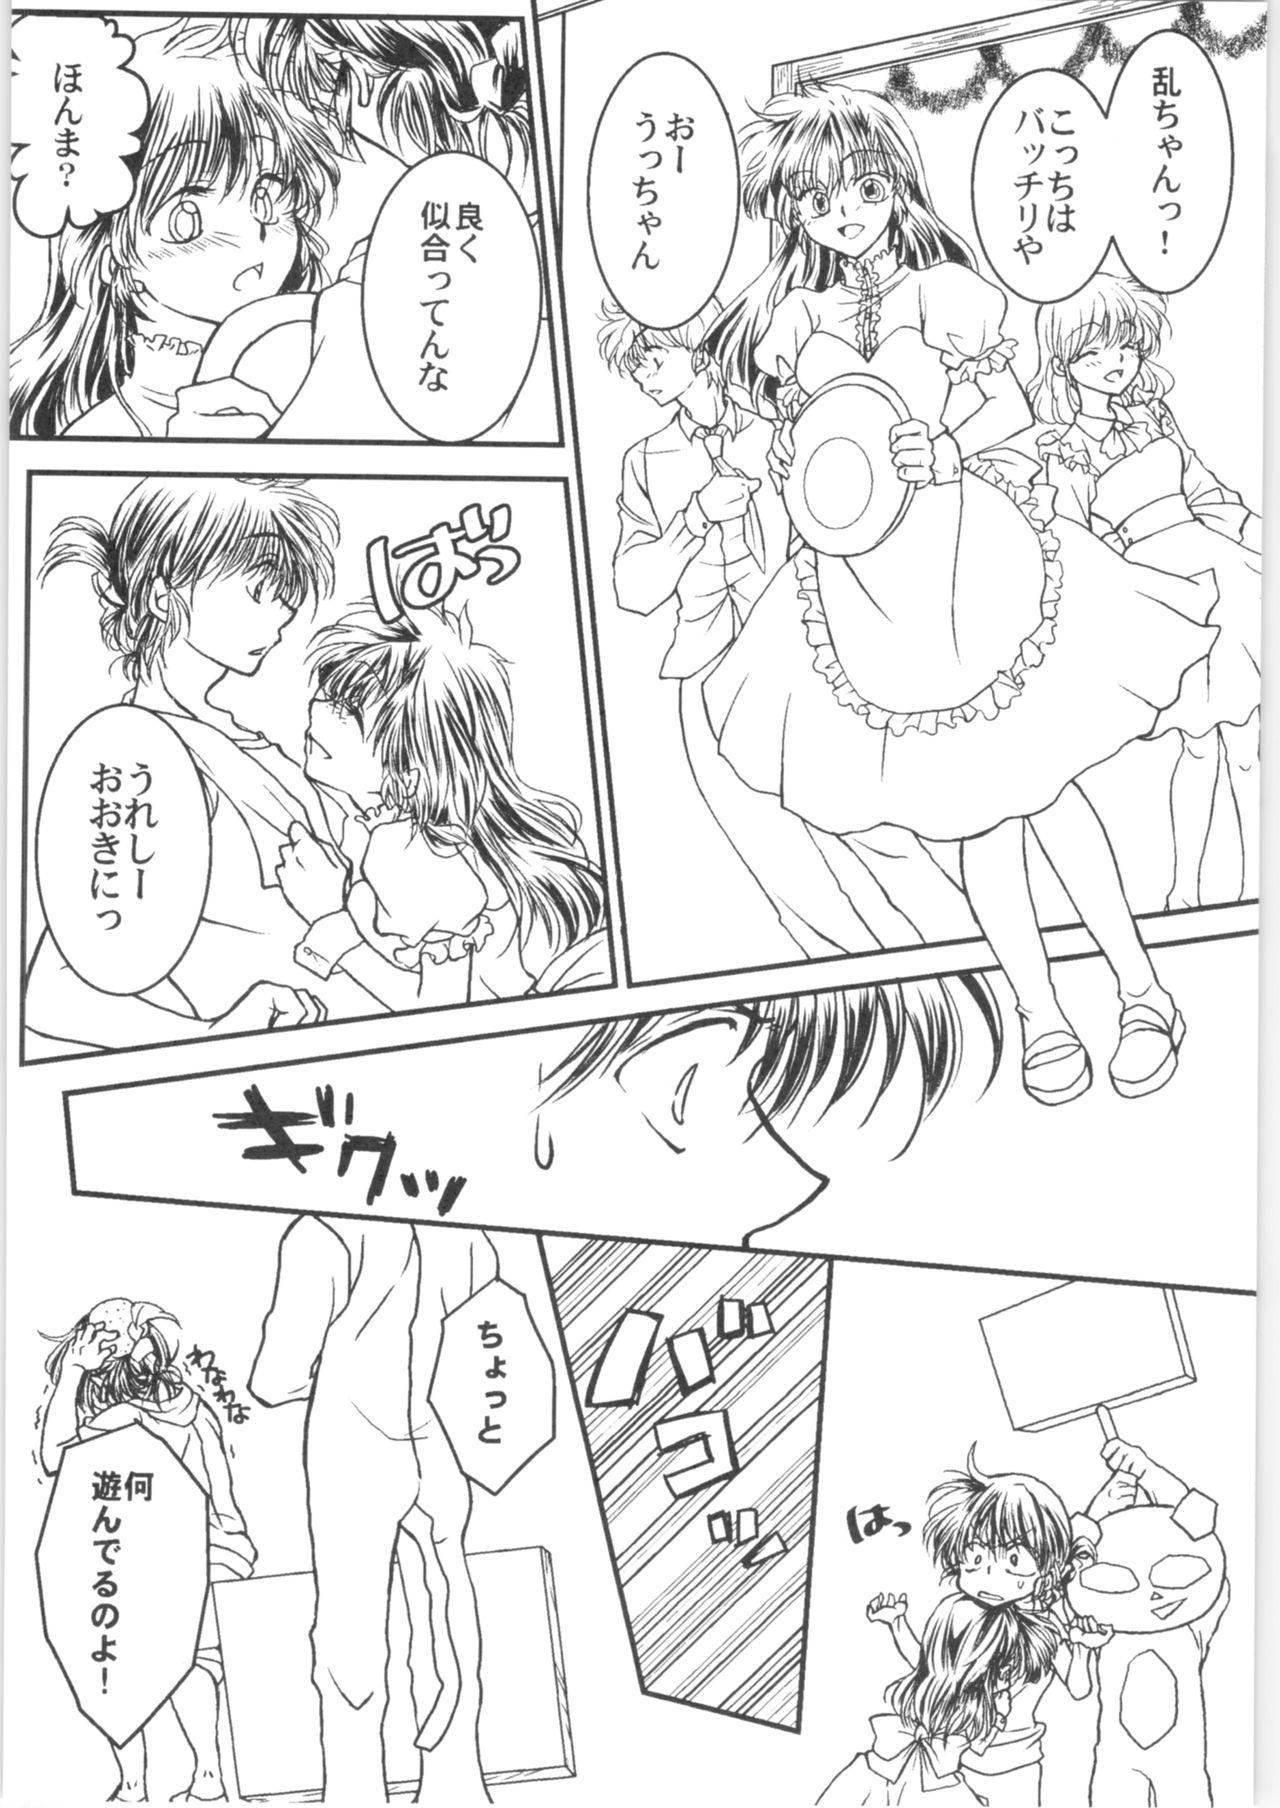 Iinazuke ga Neko ni Narimashite. 28